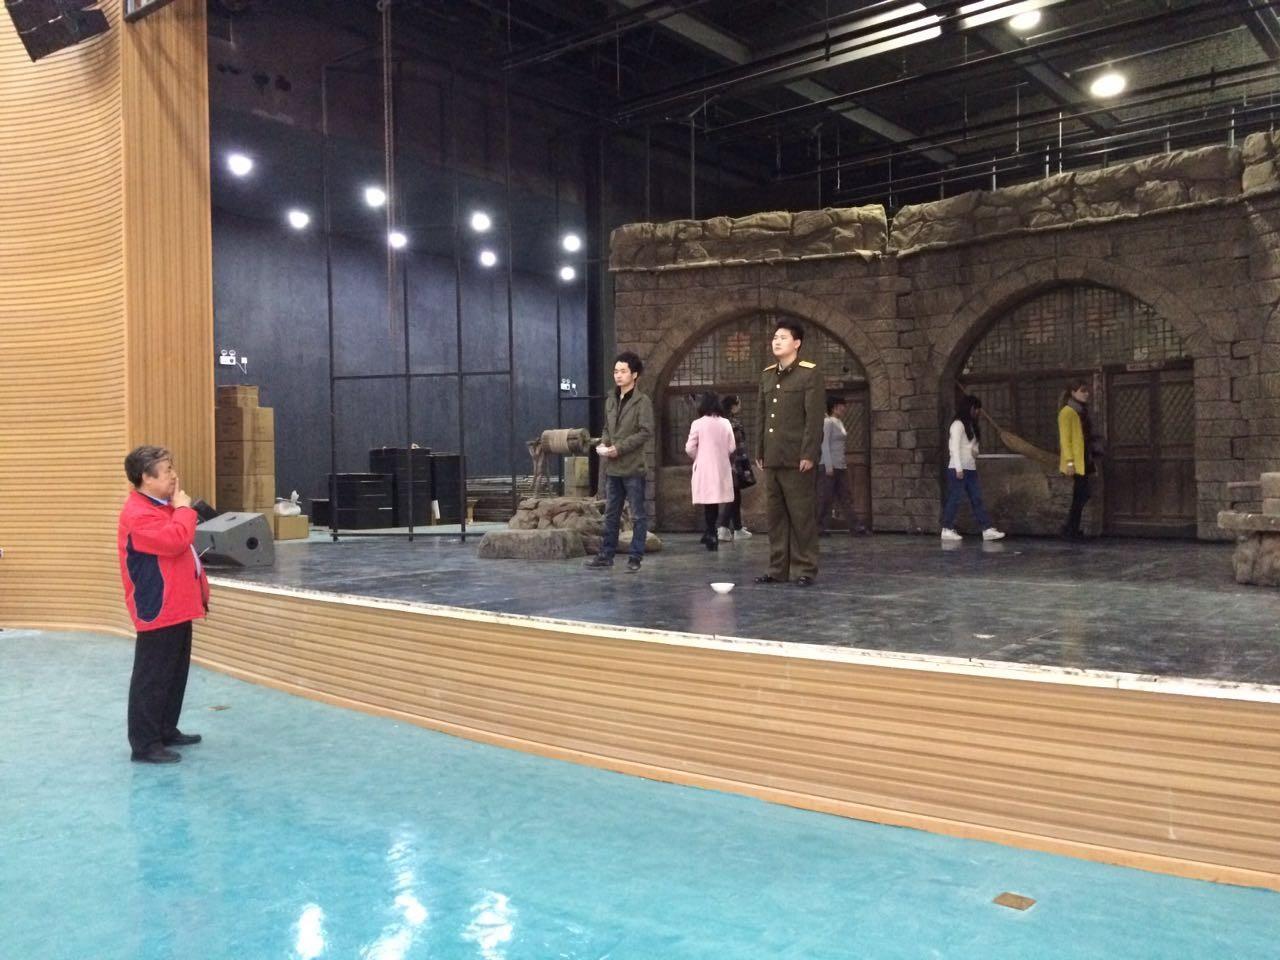 大戏《黄土谣》进入新校区北演剧场首次排练